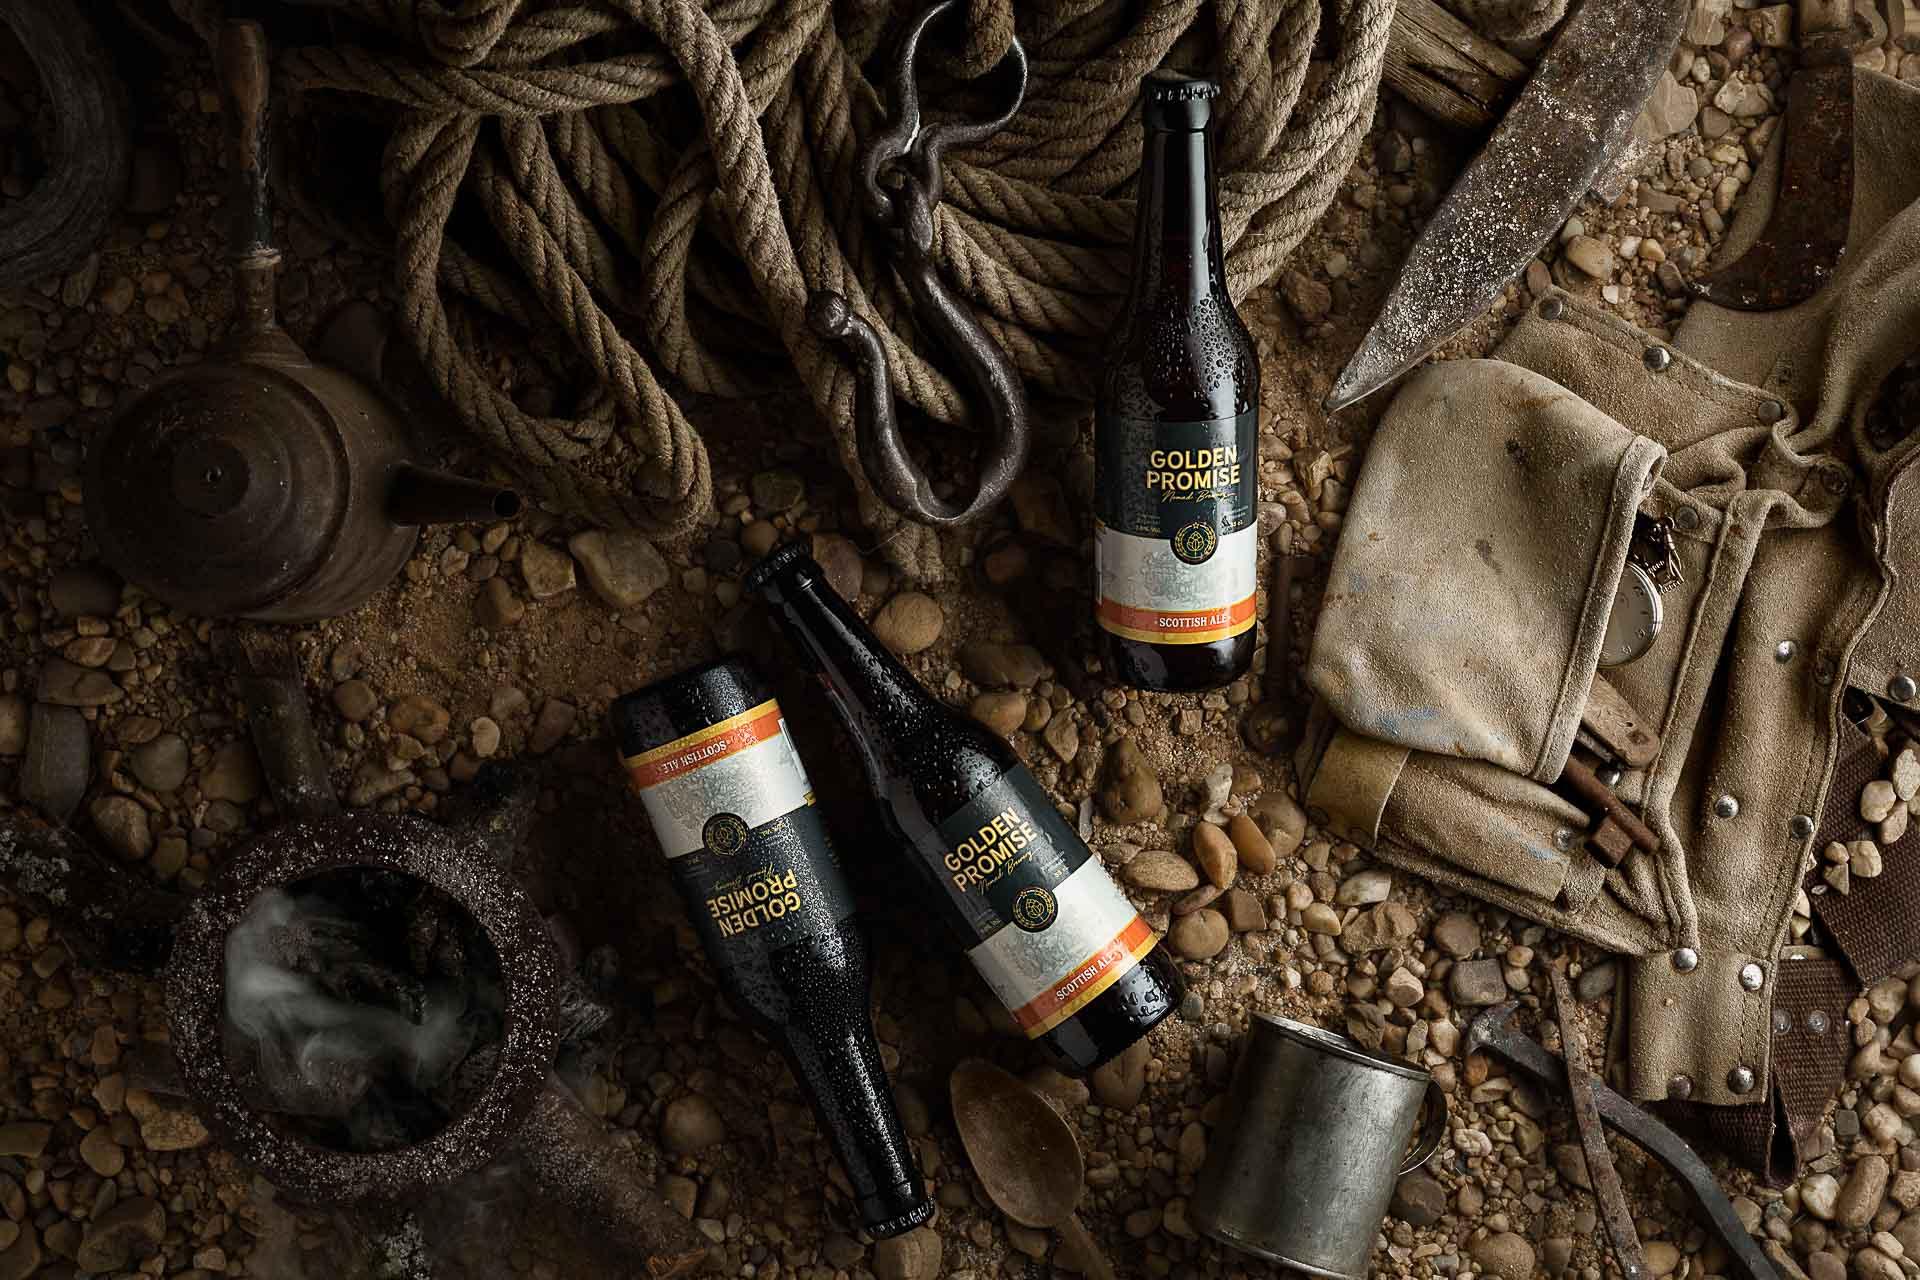 Fotografia de Producto Zaragoza Publicitaria Golden Promise botellas